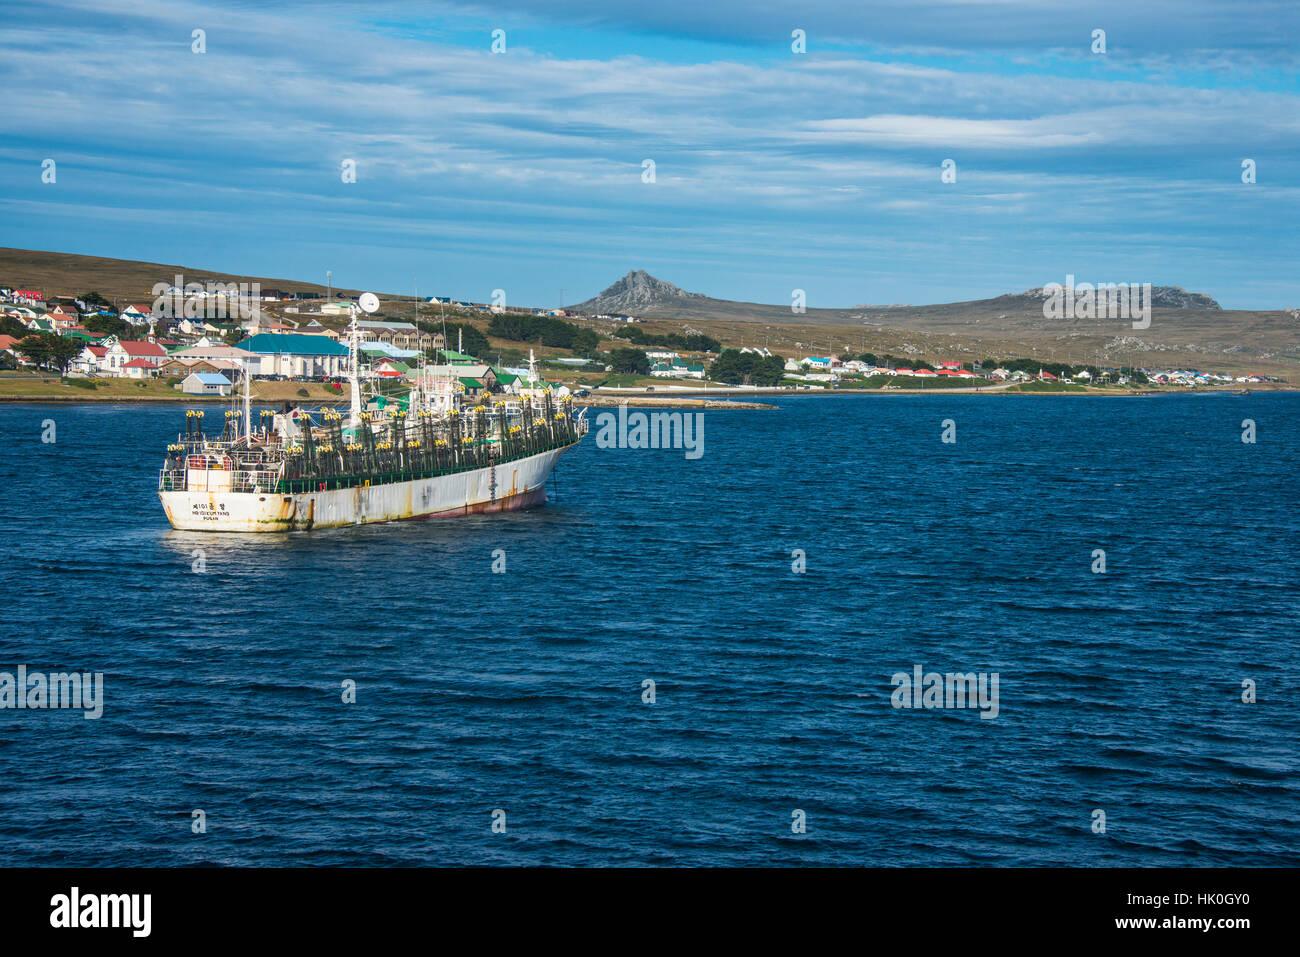 Calamares chinos arrastrero en Stanley, capital de las Islas Malvinas, América del Sur Foto de stock